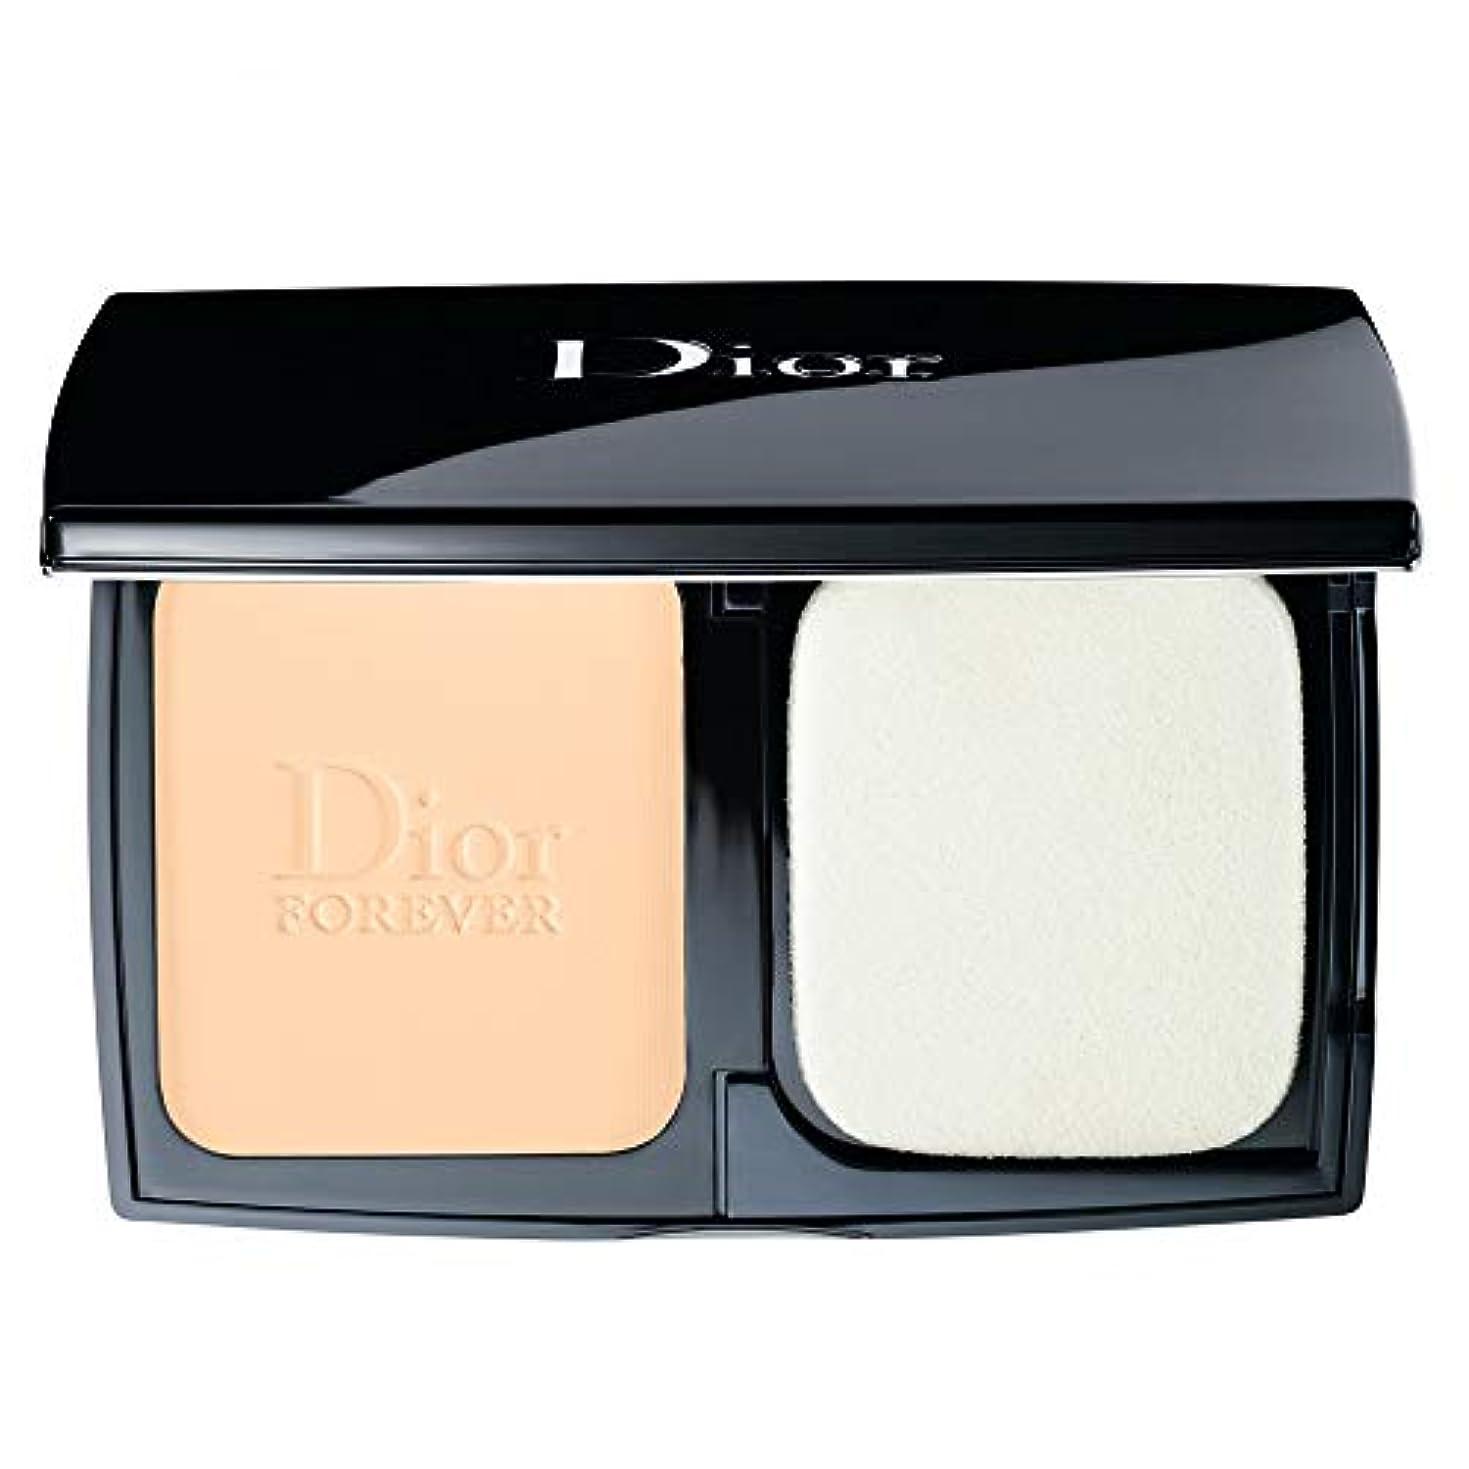 徹底ビン一貫したクリスチャンディオール Diorskin Forever Extreme Control Perfect Matte Powder Makeup SPF 20 - # 010 Ivory 9g/0.31oz並行輸入品